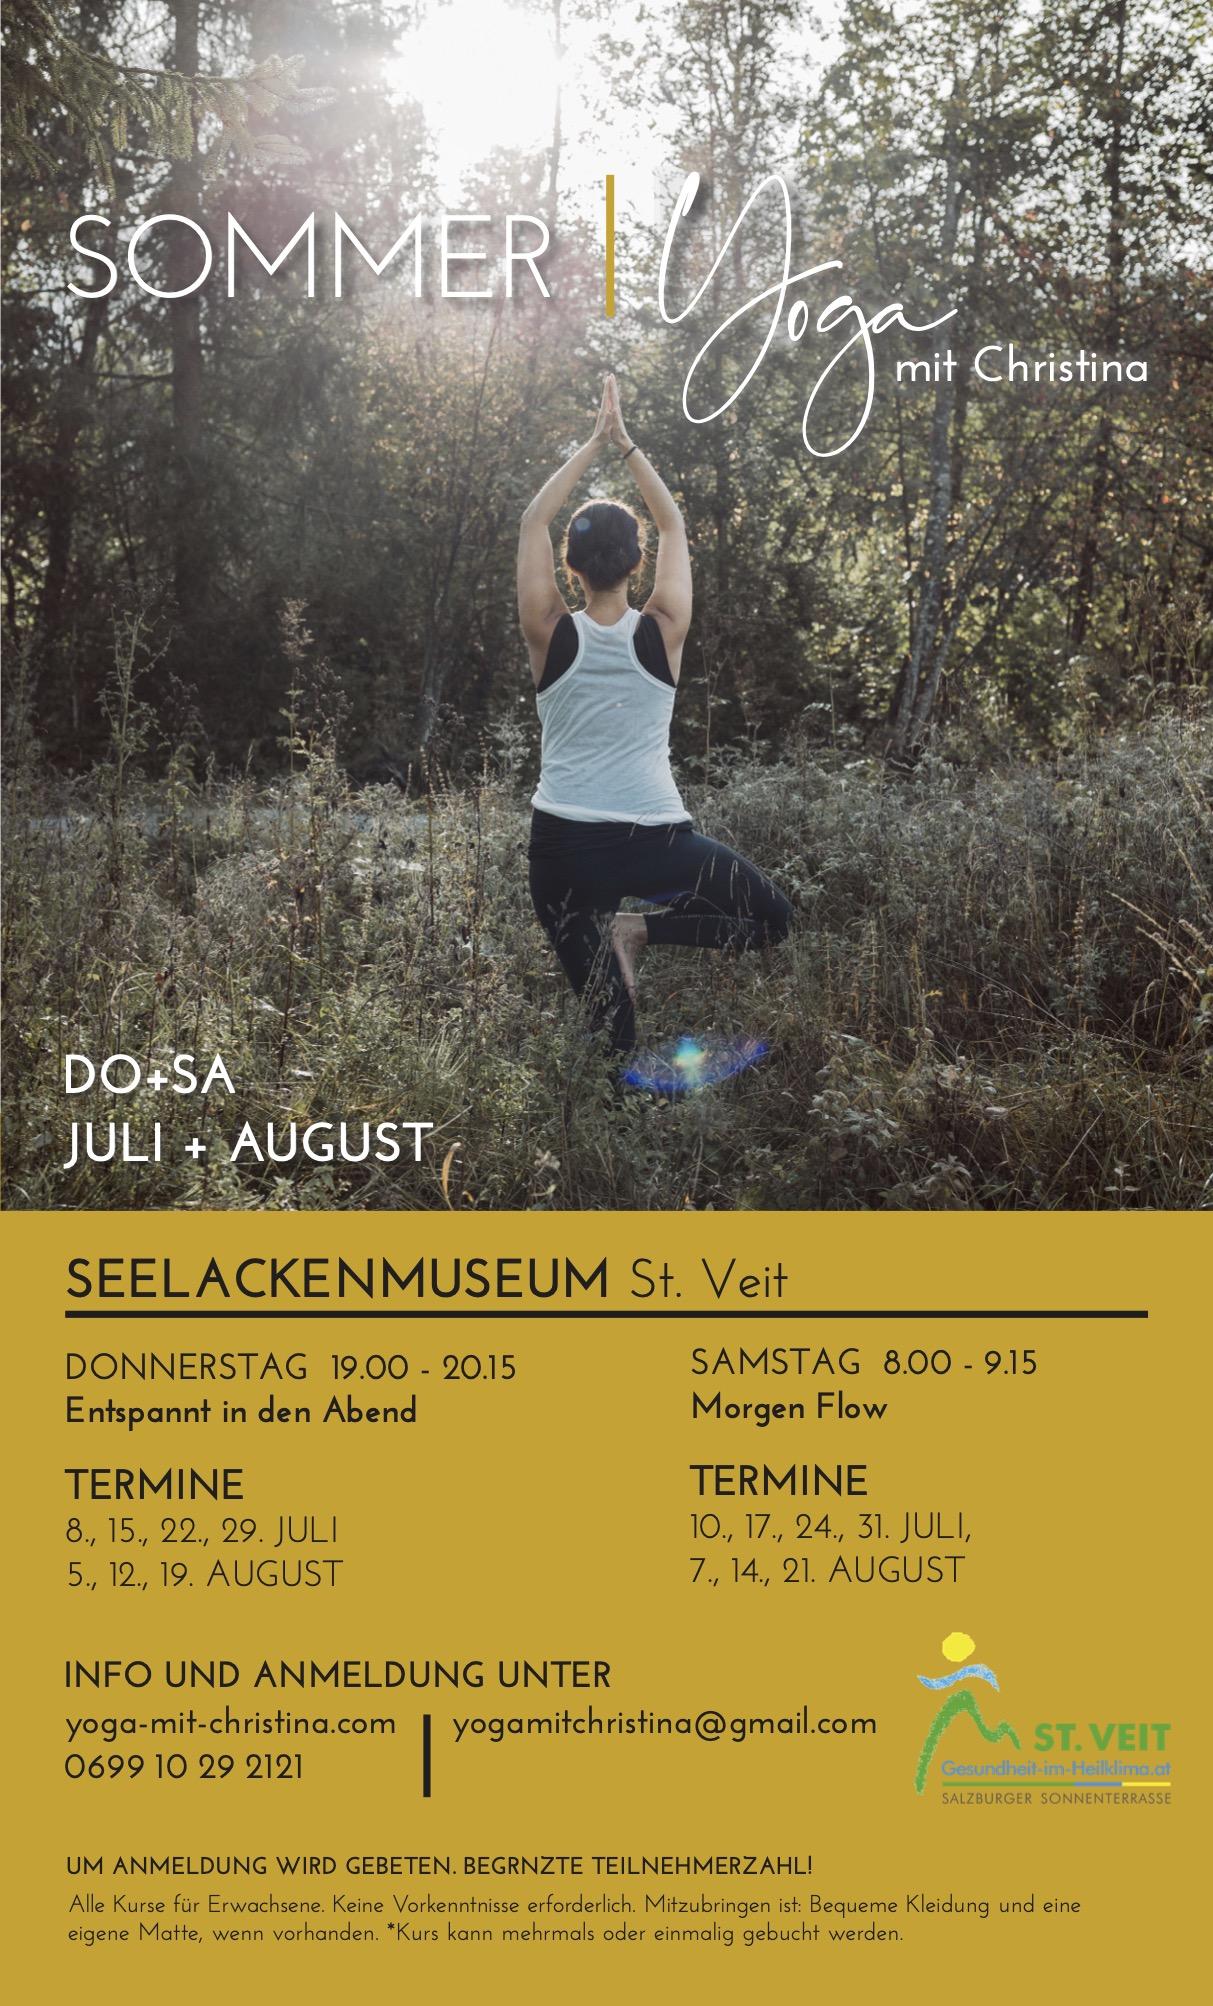 Sommer Yoga mit Christina